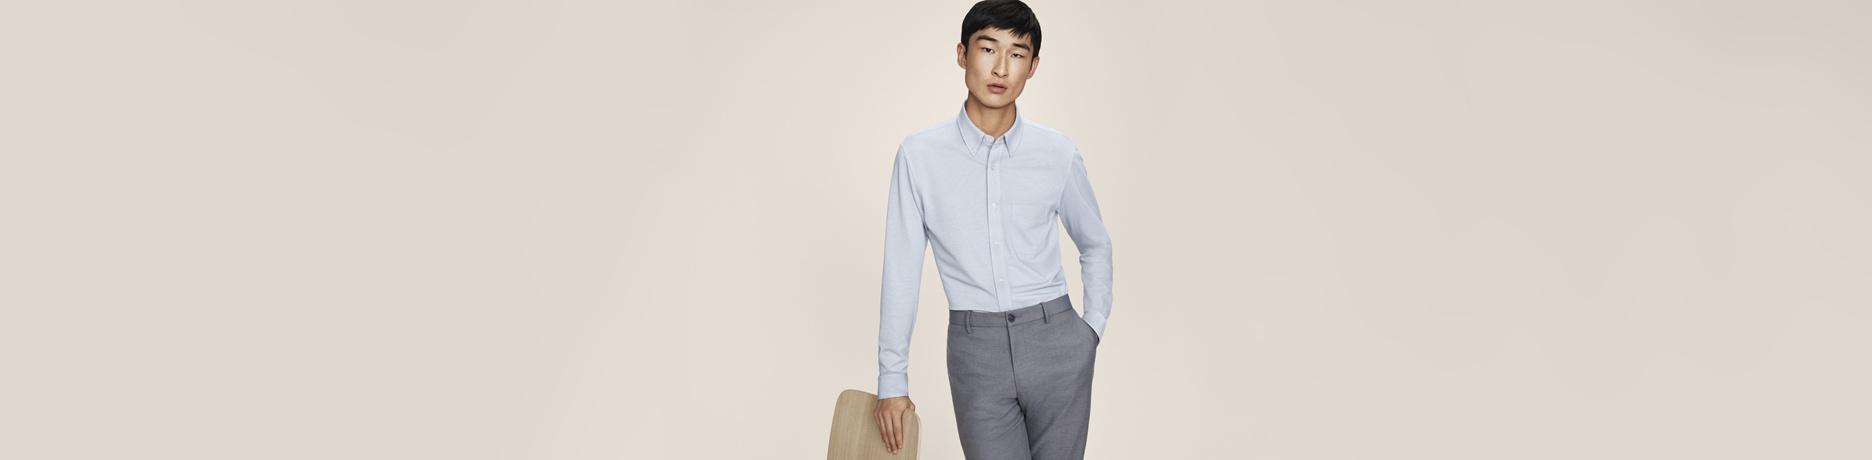 SMART / DRESS SHIRTS